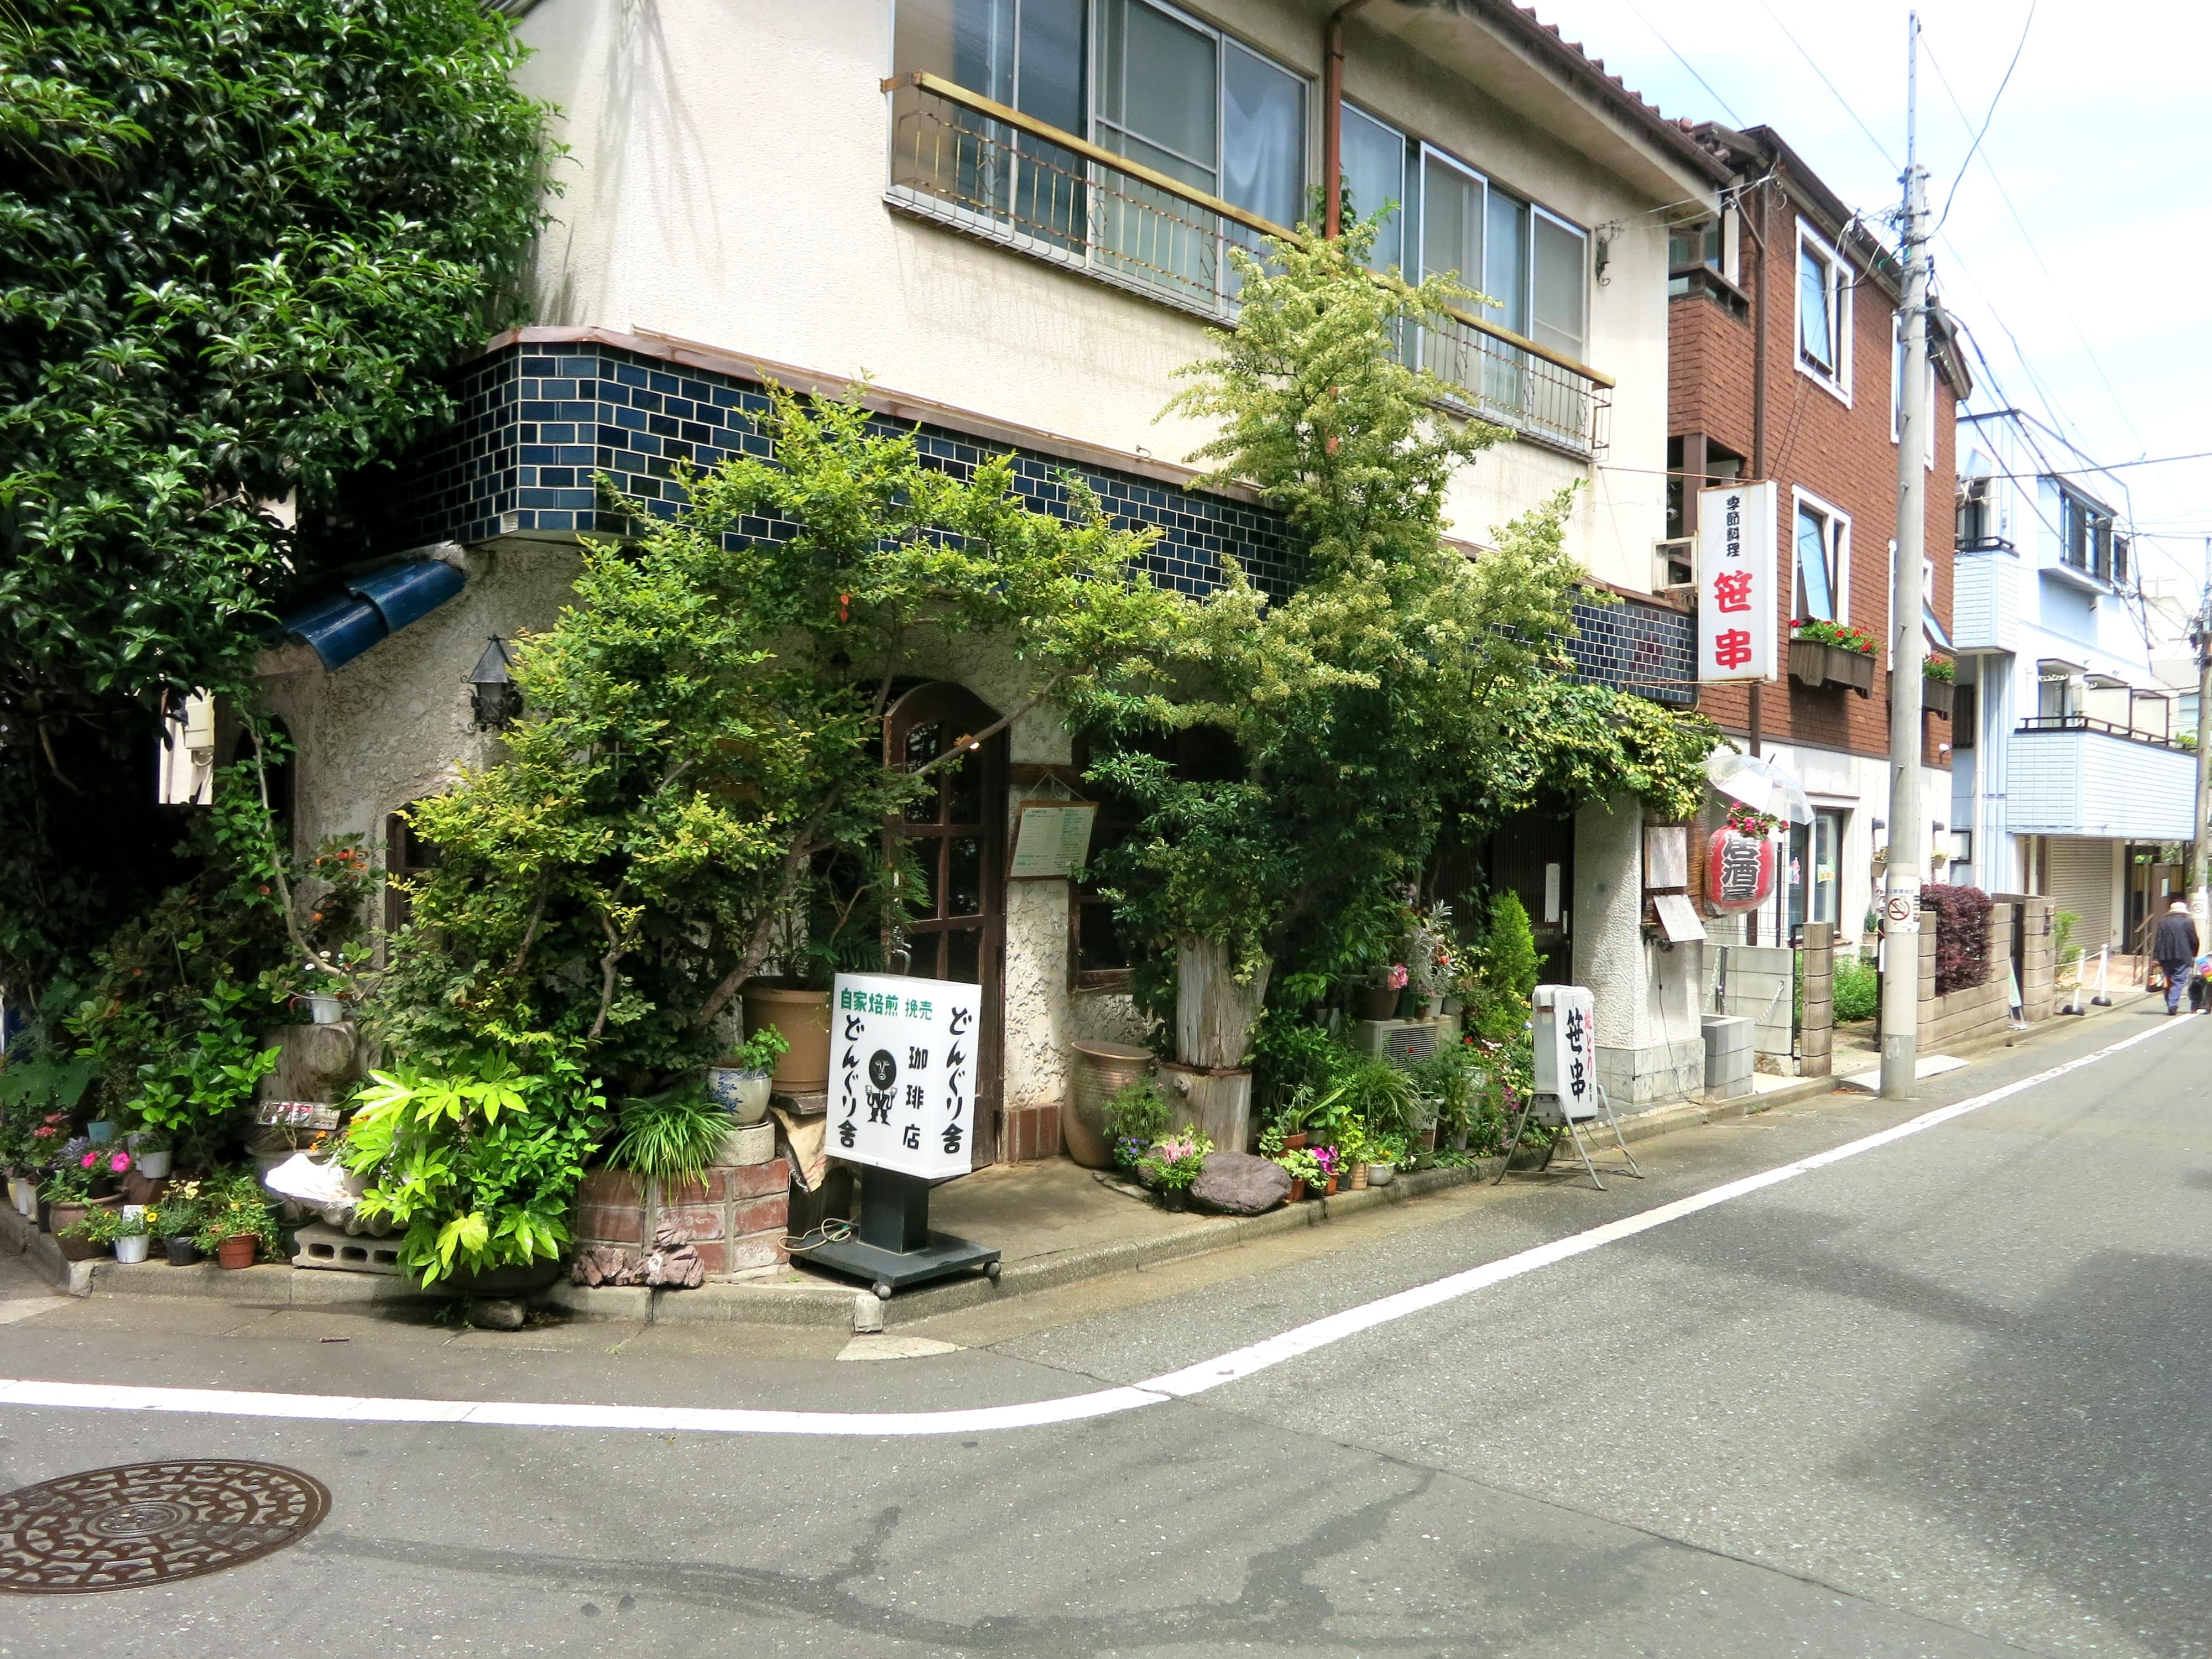 Nishi-ogikubo cafe